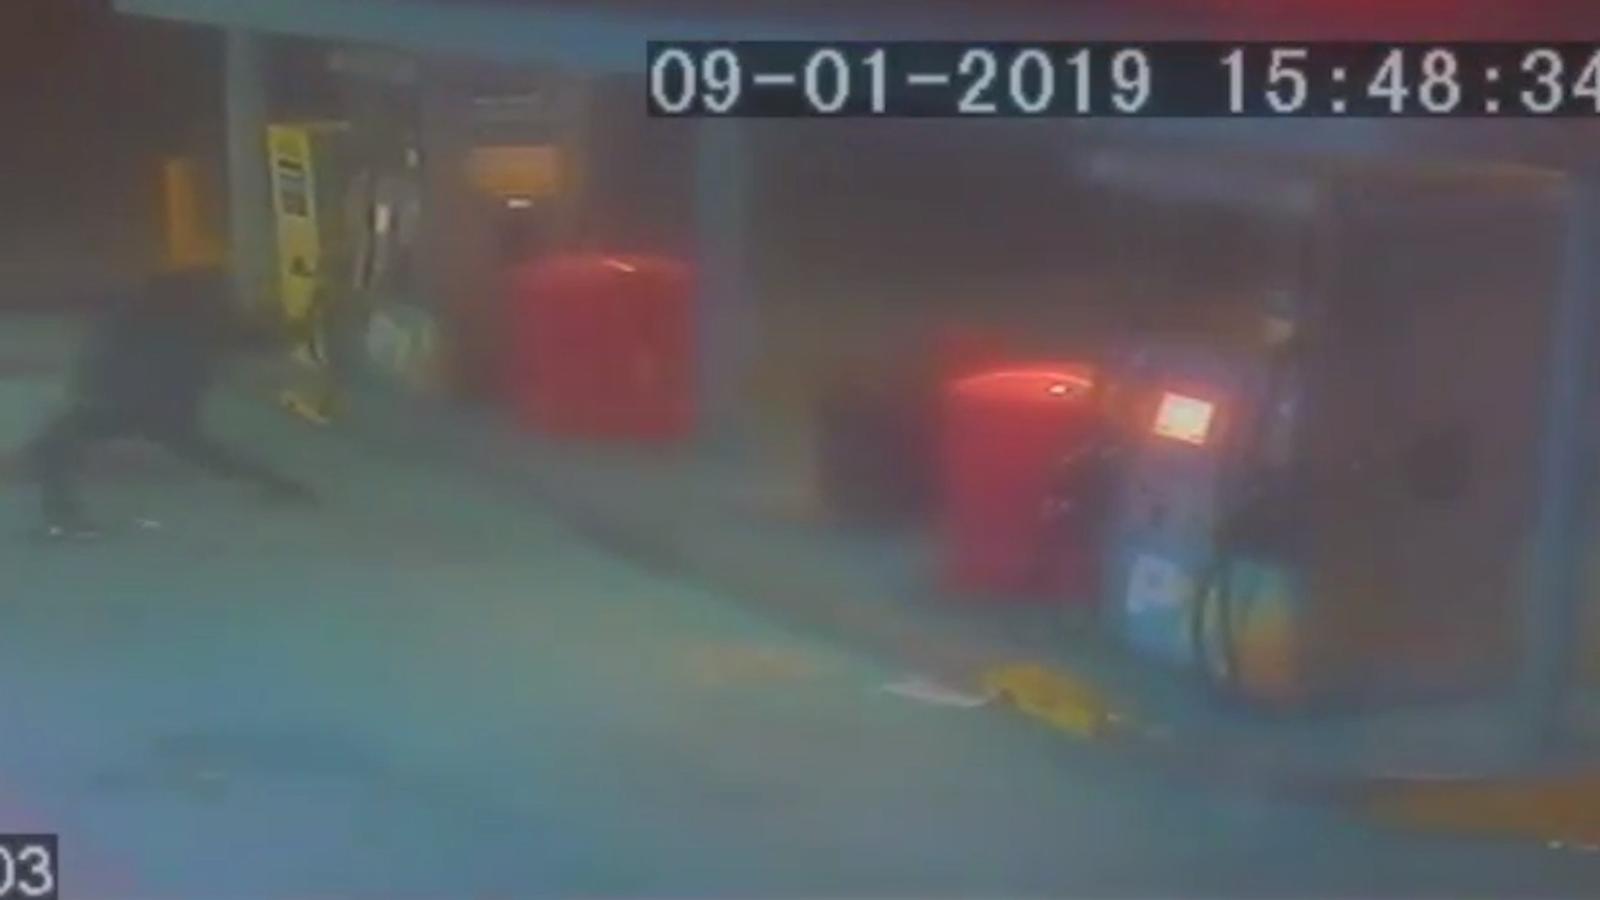 Atac a la gasolinera Petrolis Independents de Terrassa